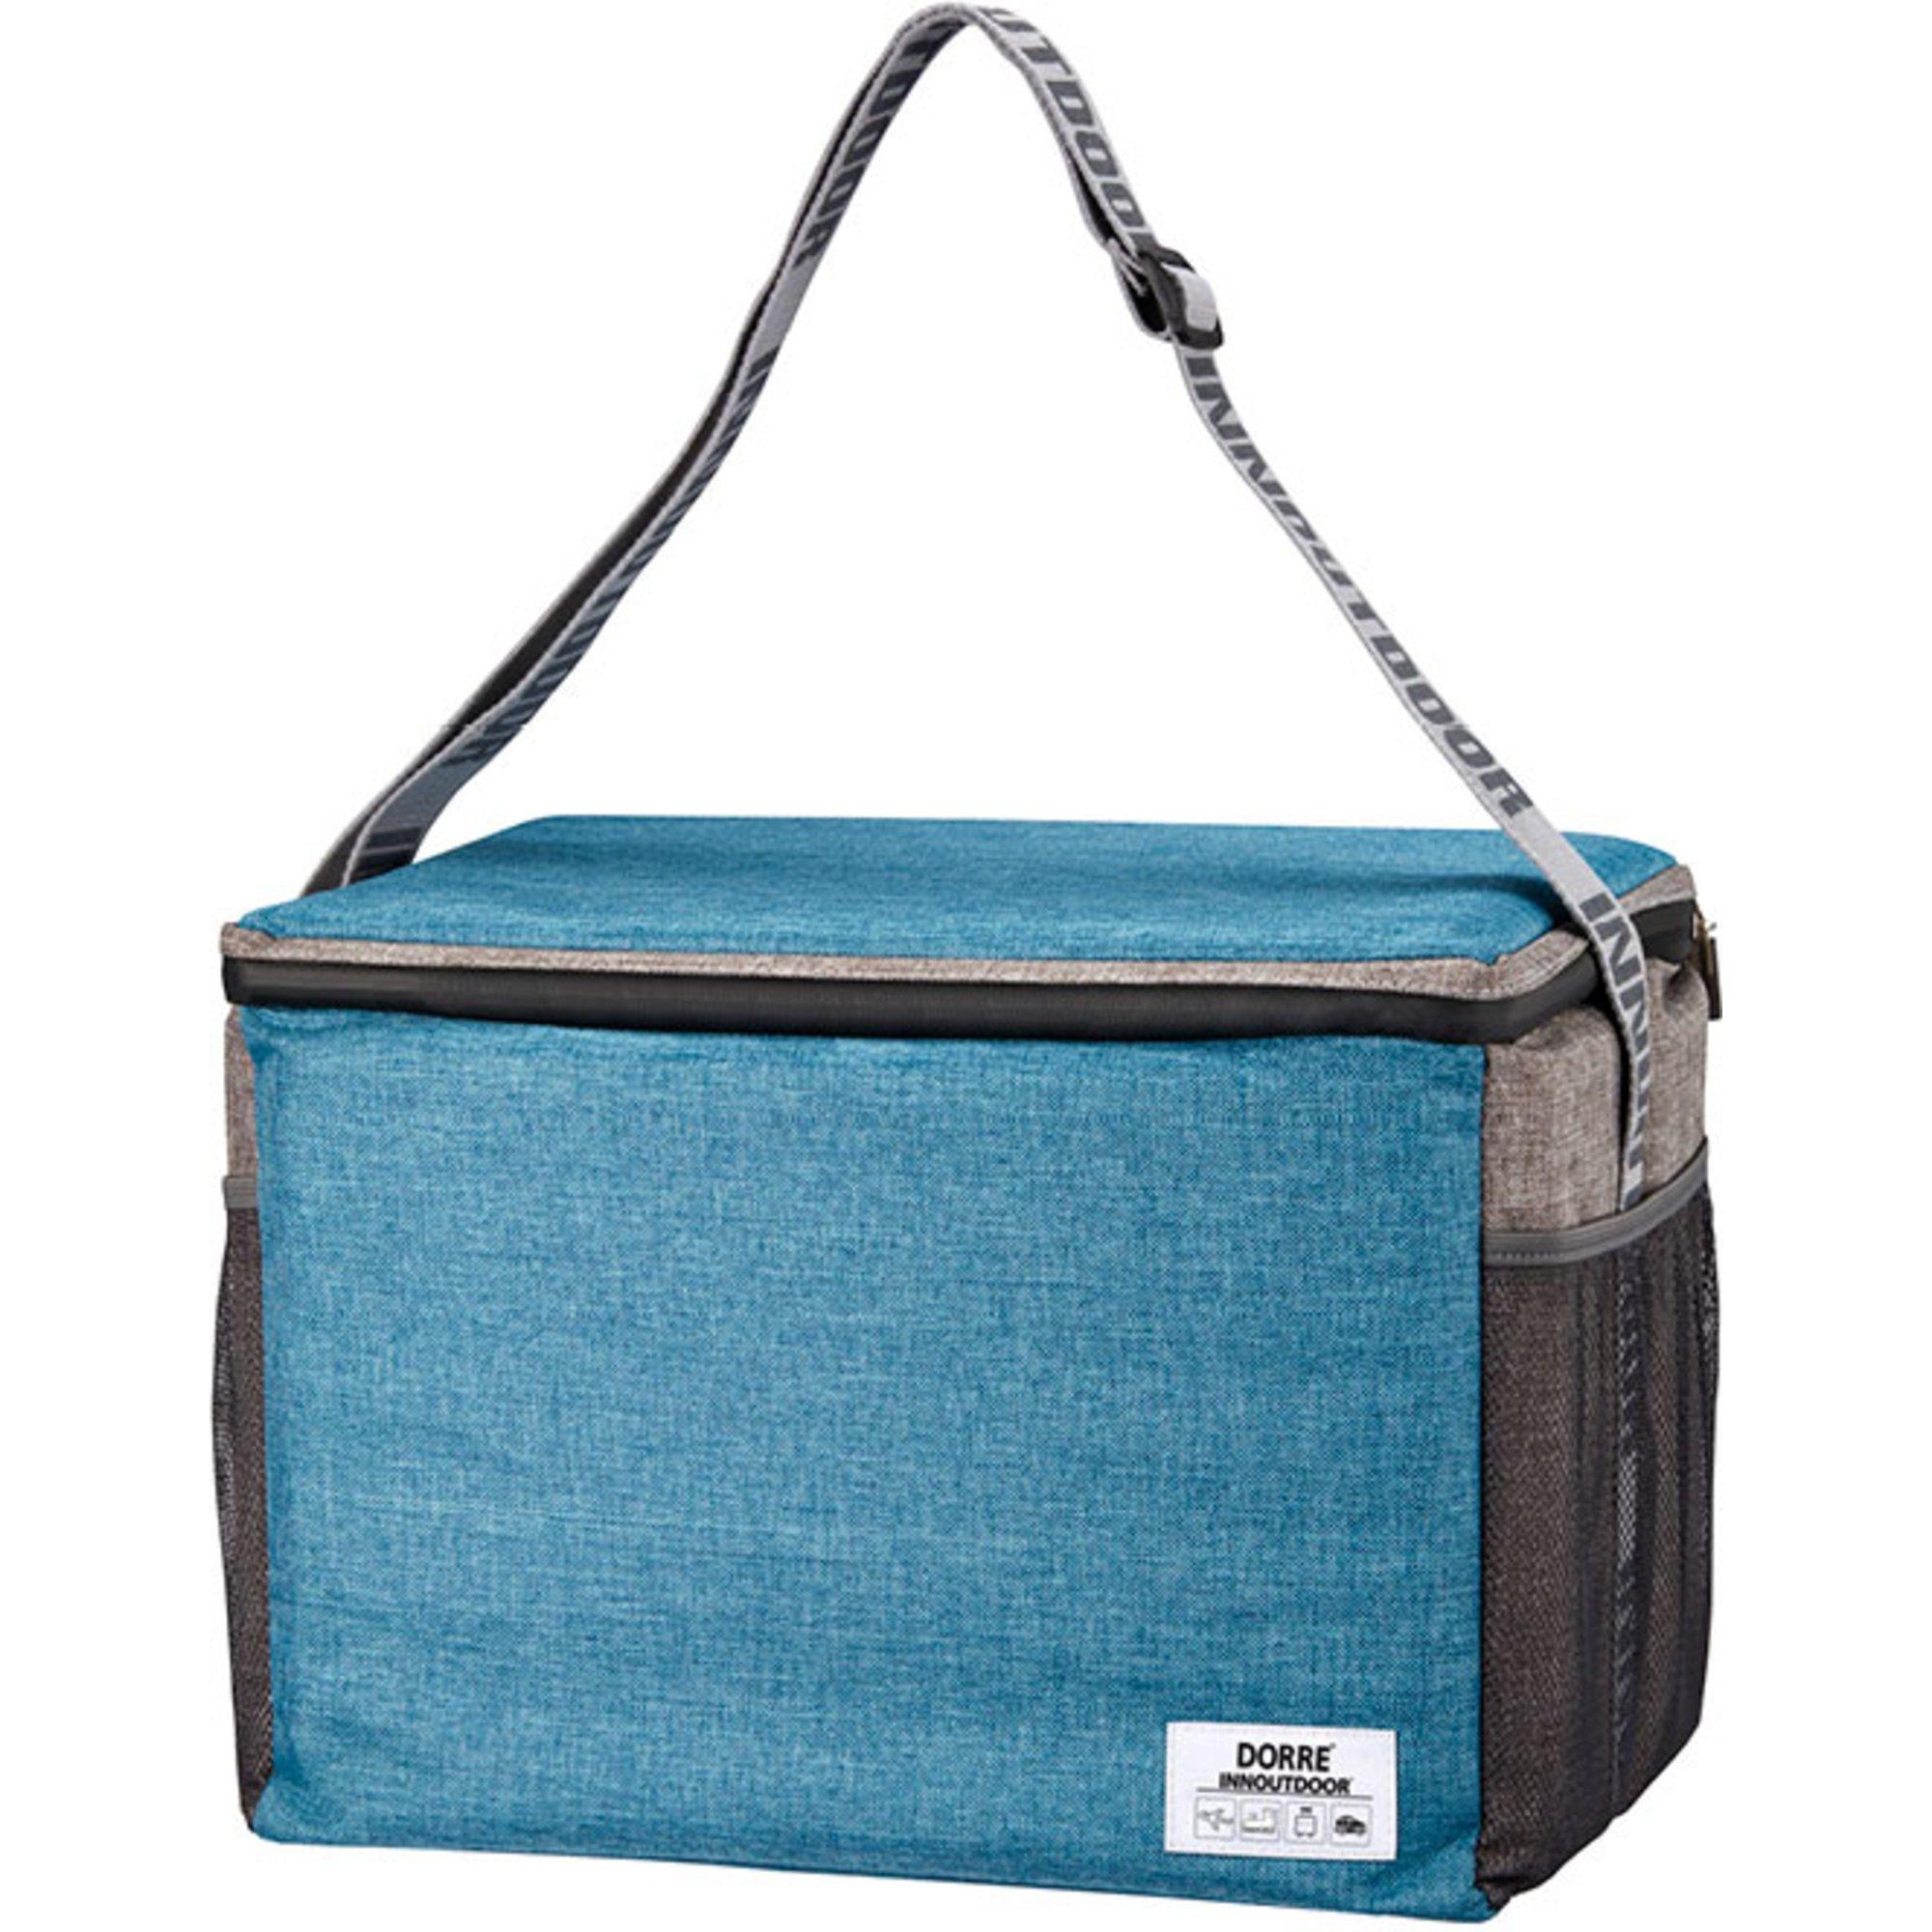 Dorre INNOUTDOOR Kyl/strandväska blå 16 liter